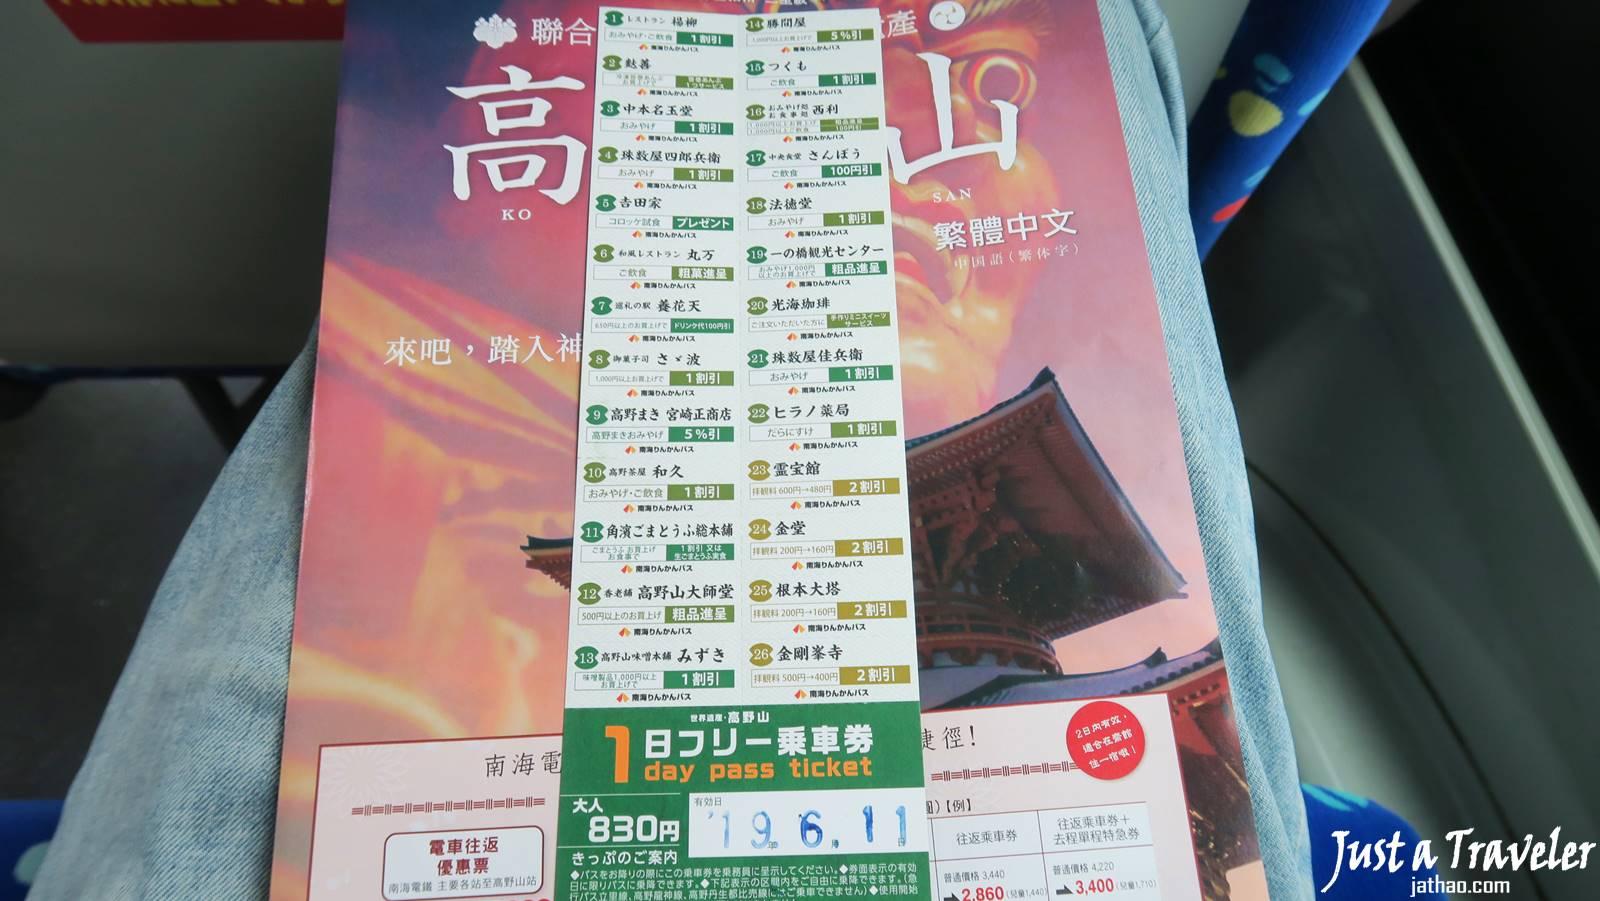 和歌山-高野山-巴士一日券-高野山景點-高野山交通-行程-攻略-一日遊-二日遊-自由行-旅遊-遊記-Koyasan-Travel-Japan-日本